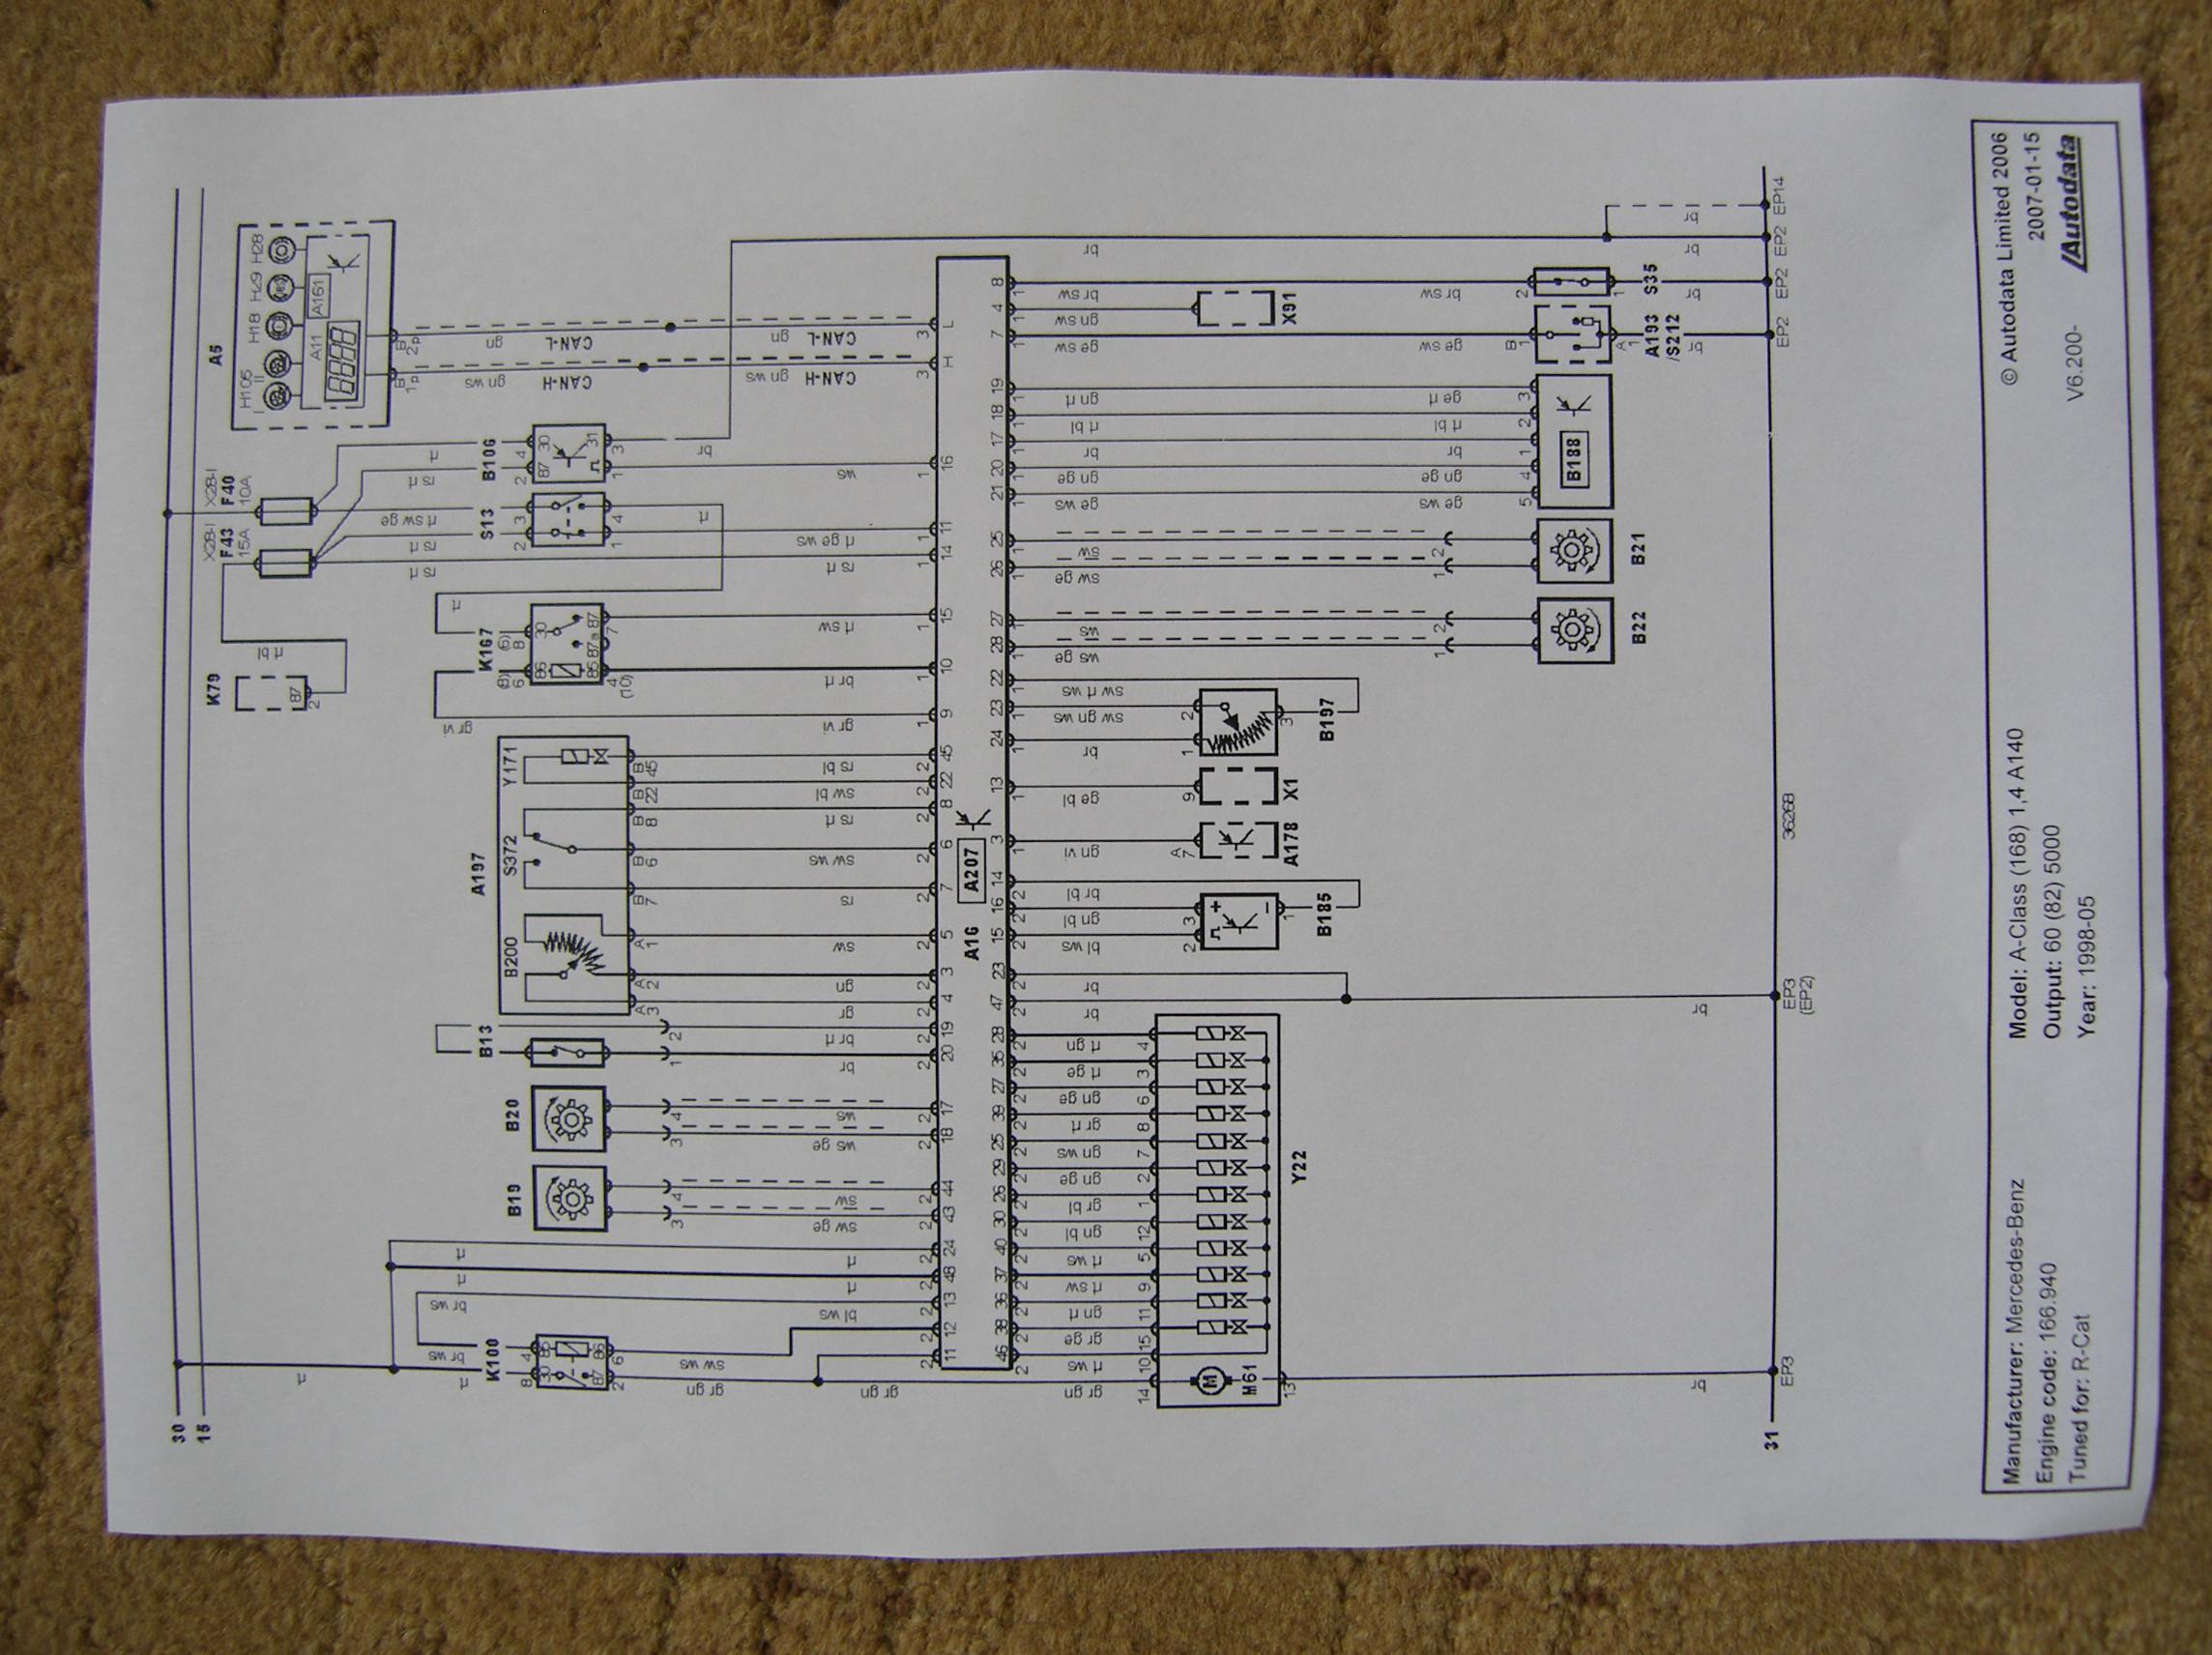 Schemat instalacji elektrycznej Mercedesa A-klasa